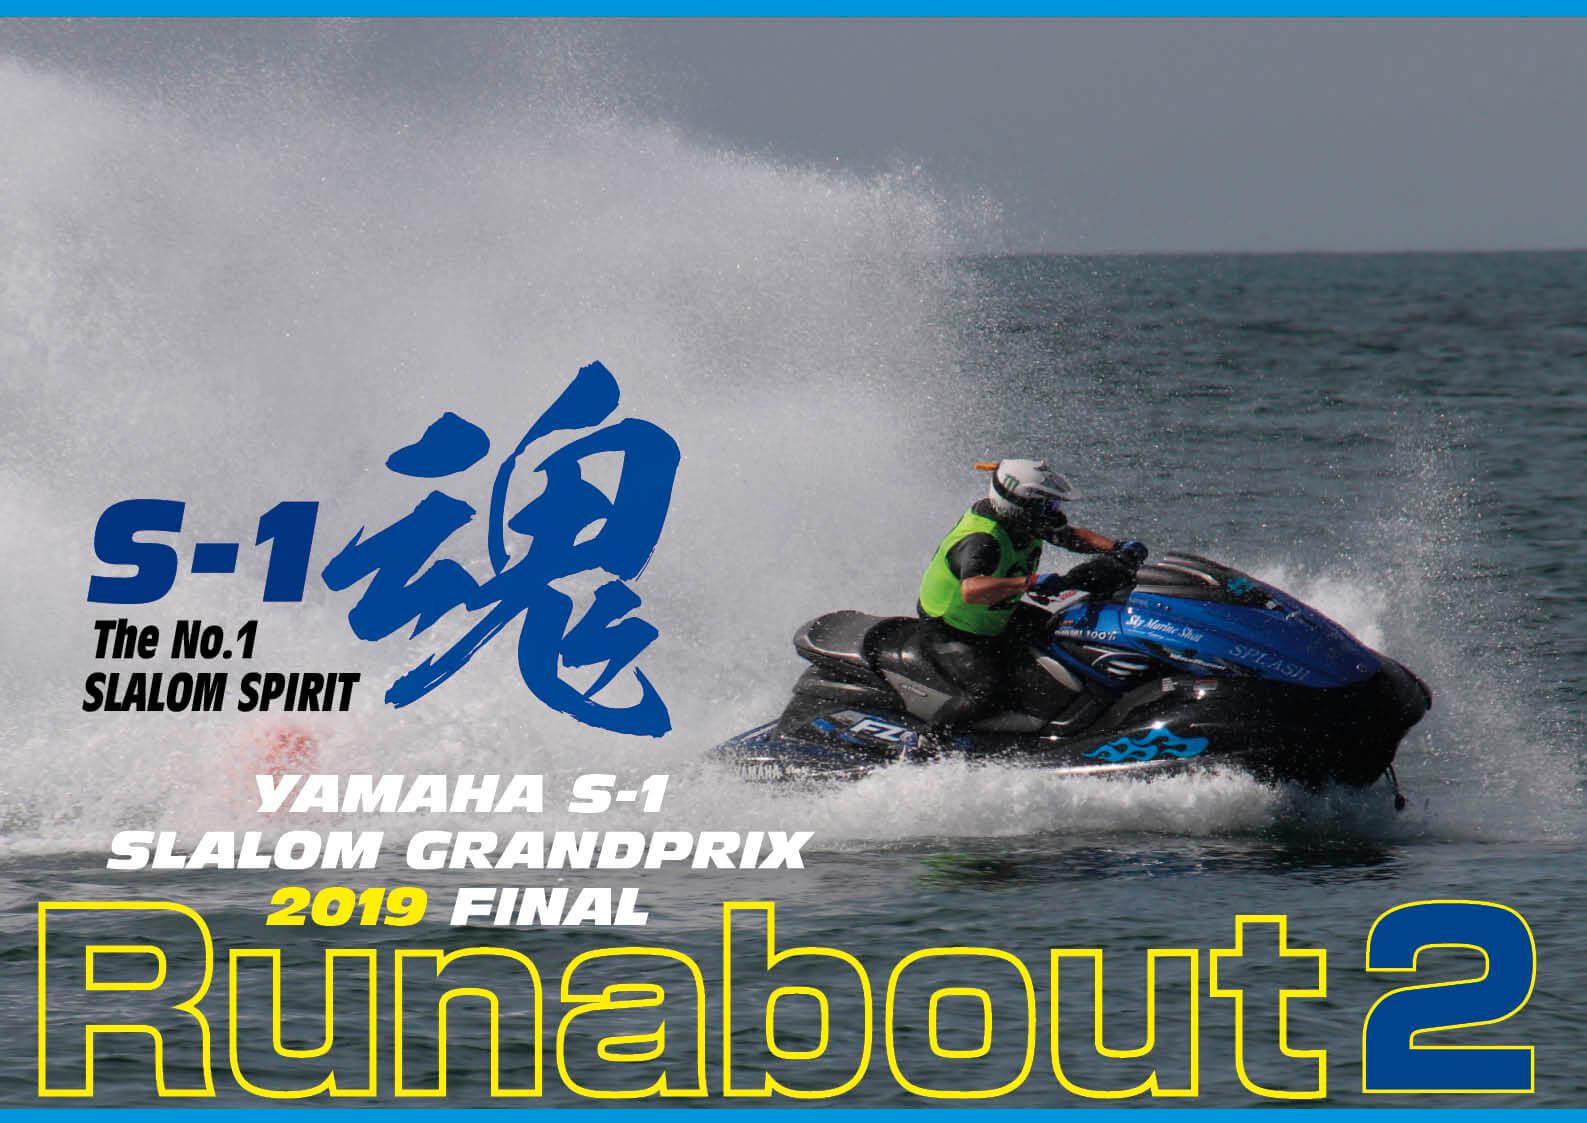 「ランナバウト2 クラス」詳細報告 「FXR」「FZS」「FZS SVHO」「GP1800」ヤマハS-1スラロームグランプリ全国選手権大会・水上バイク(ジェットスキー)のレース